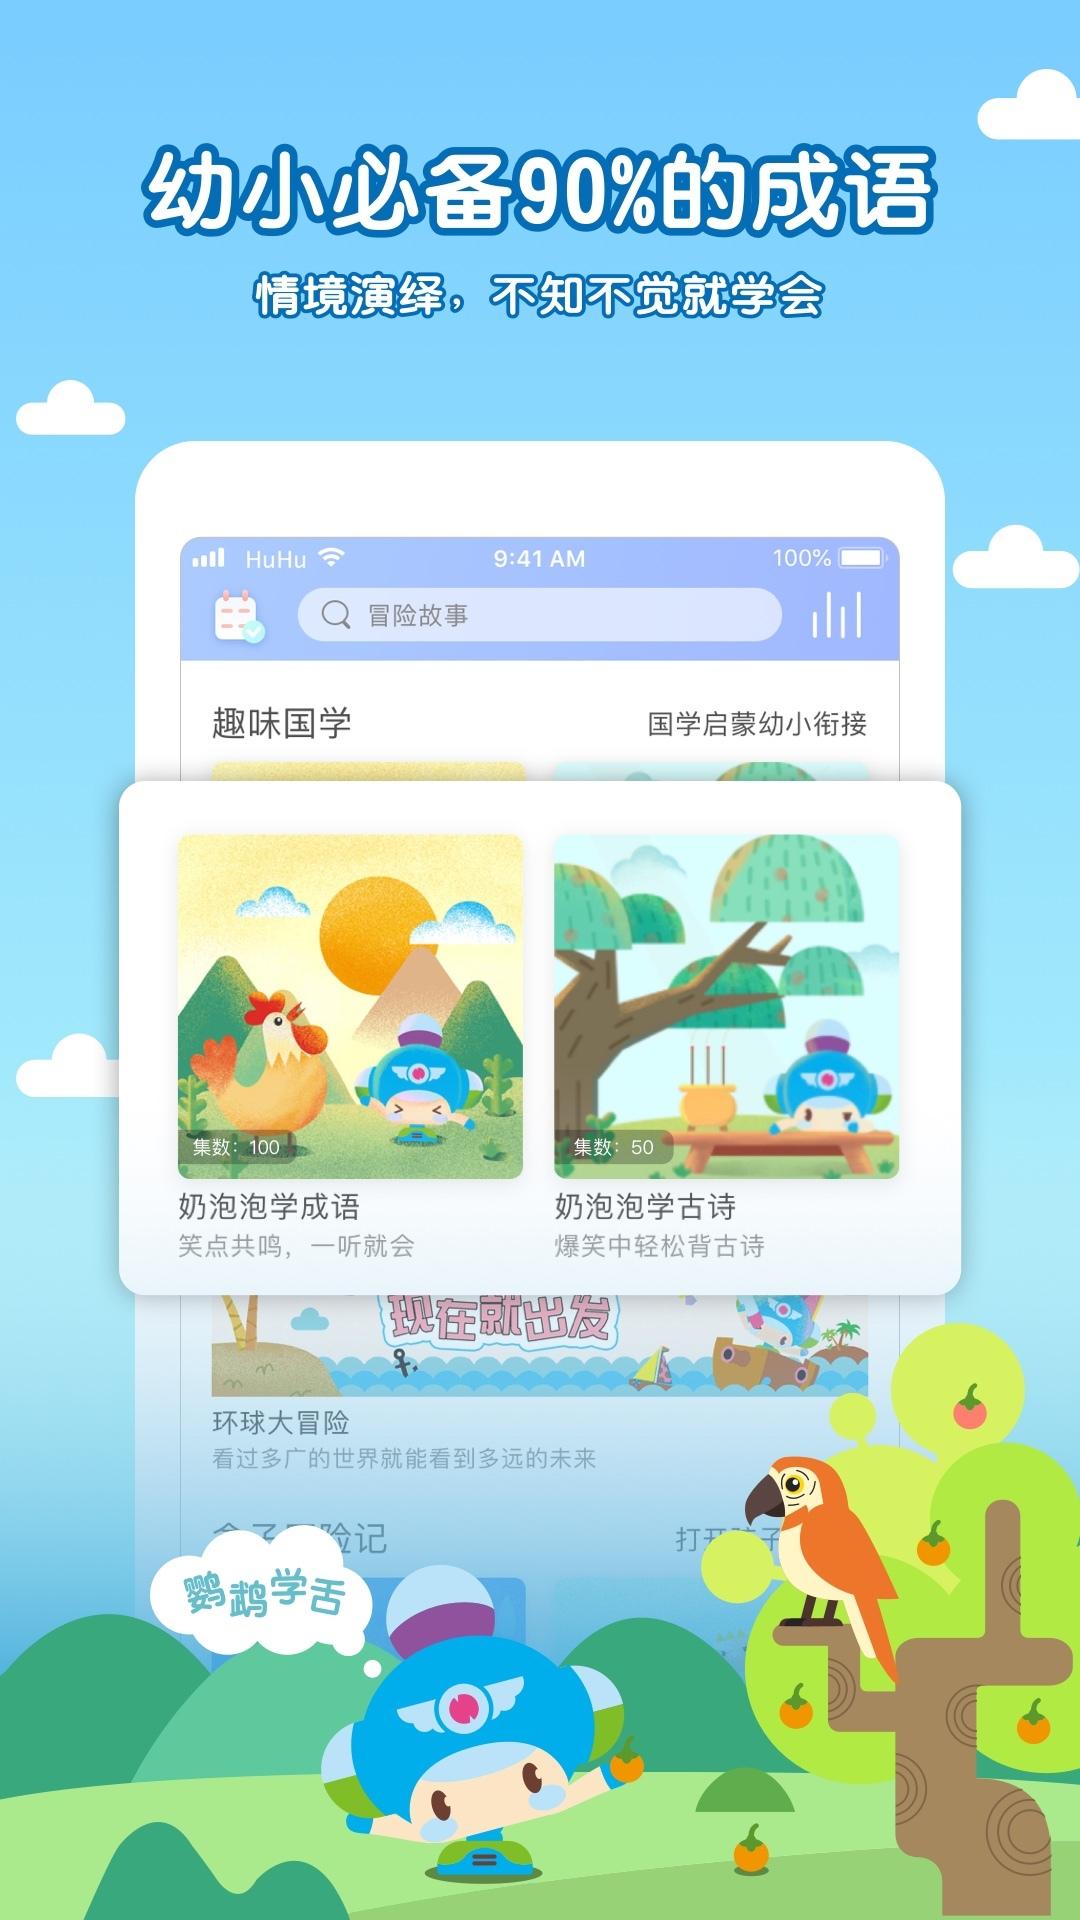 呼呼儿童故事APP V5.8.2 安卓版截图5